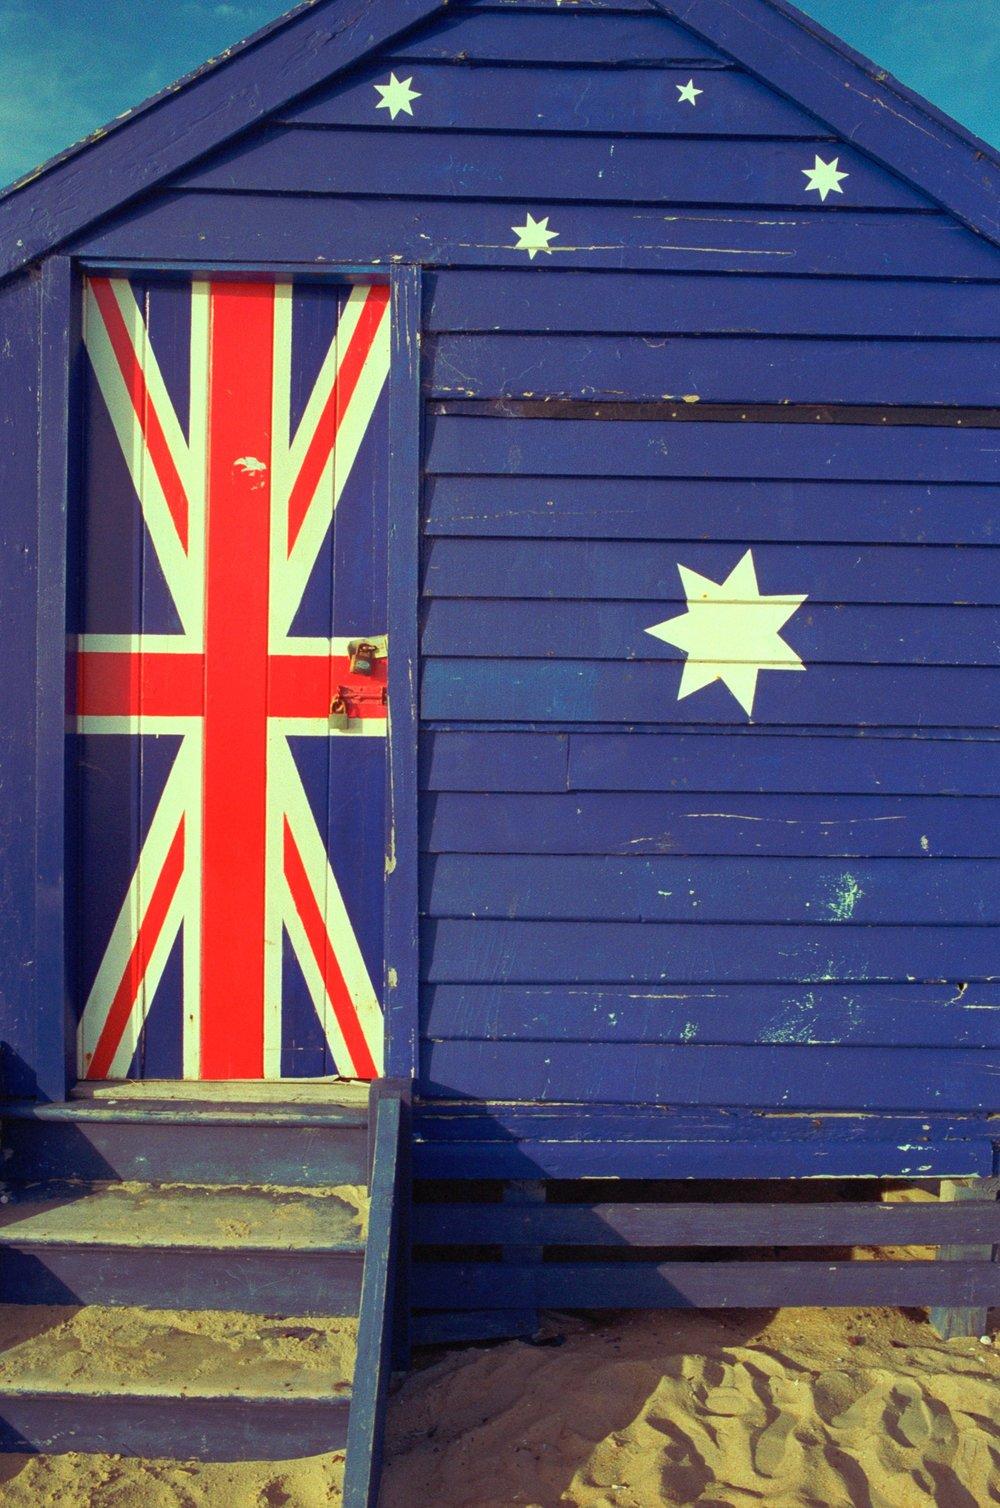 architecture-australian-flag-barn-970537.jpg